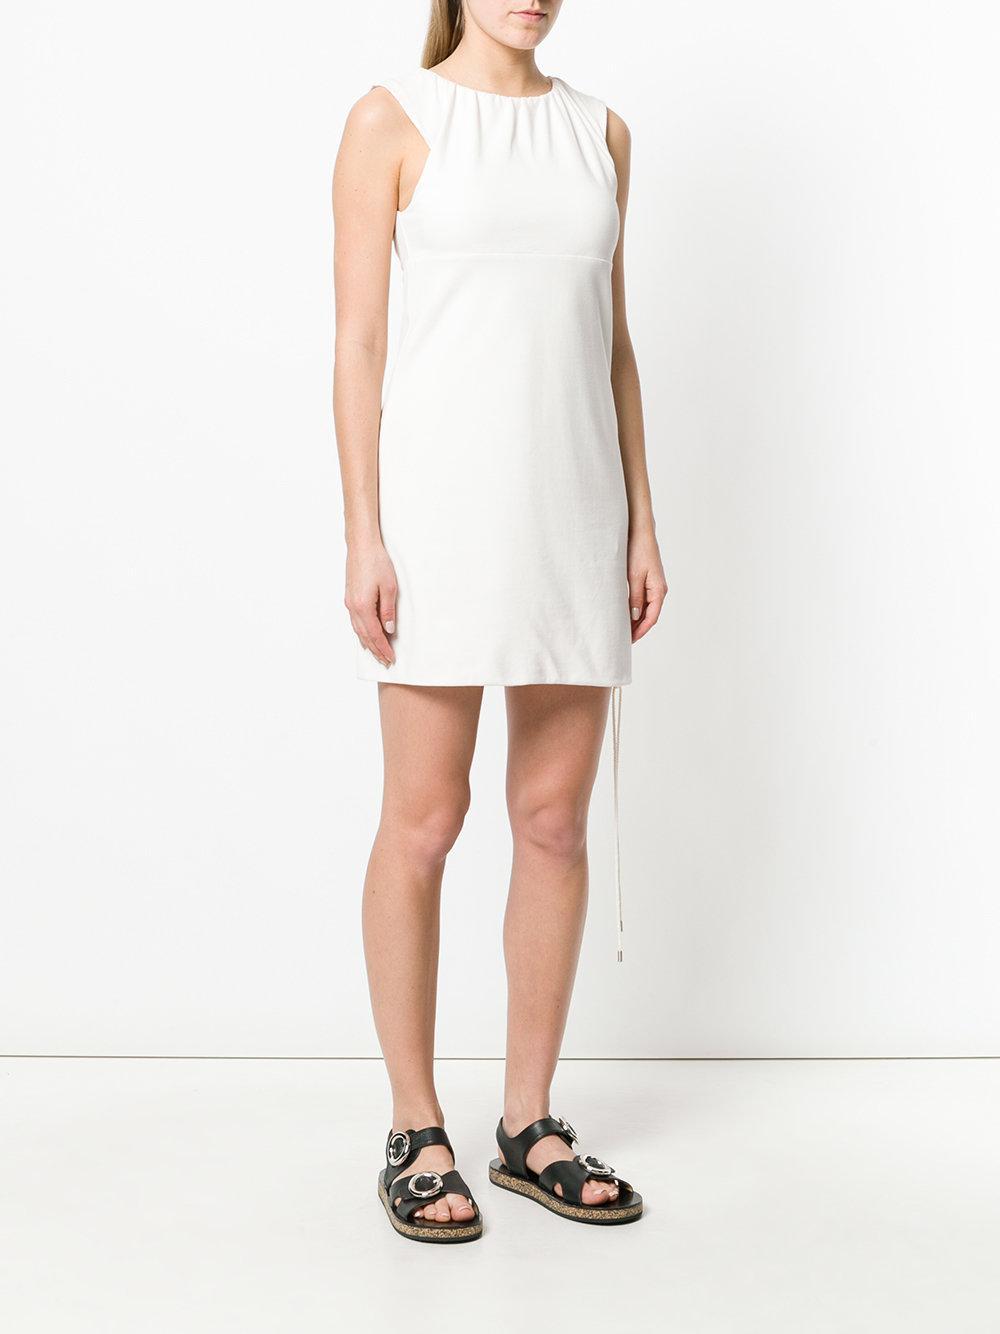 Lace-up detail dress - Nude & Neutrals Carven lYb0LRc0d